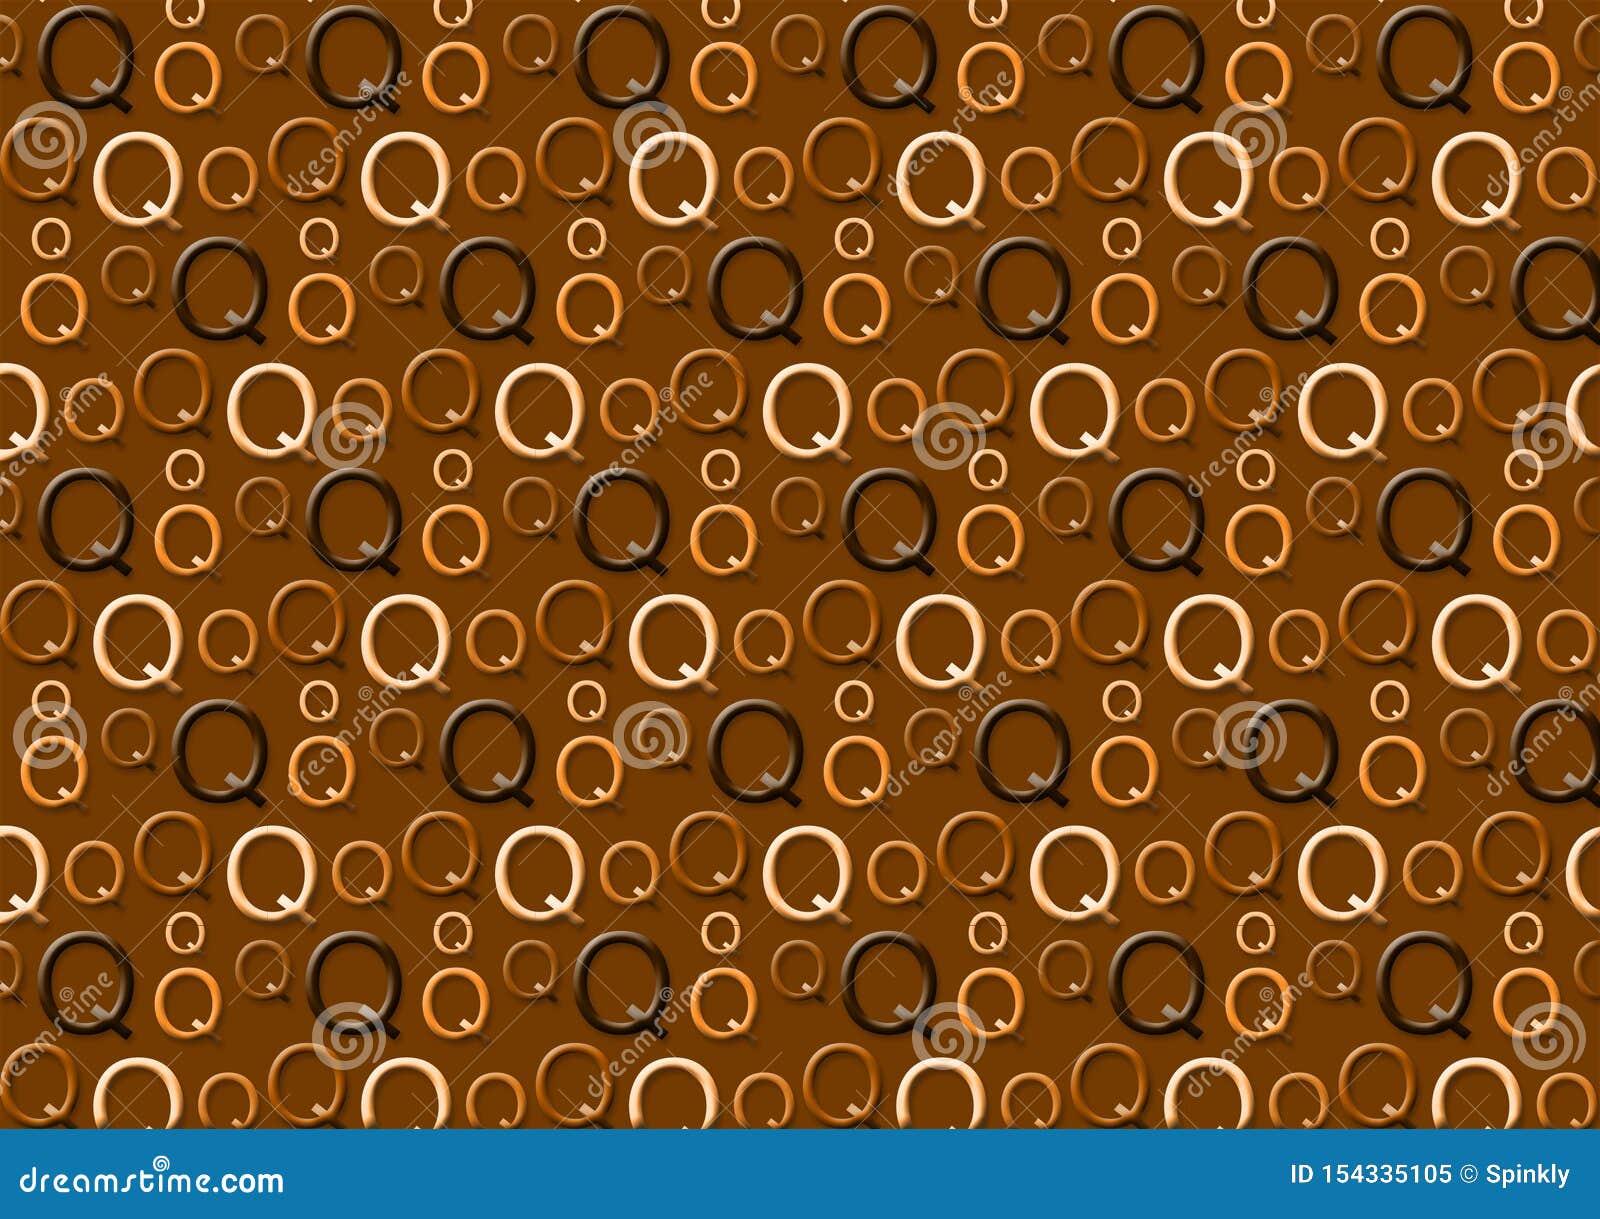 Brievenq patroon in verschillende gekleurde bruine schaduwen